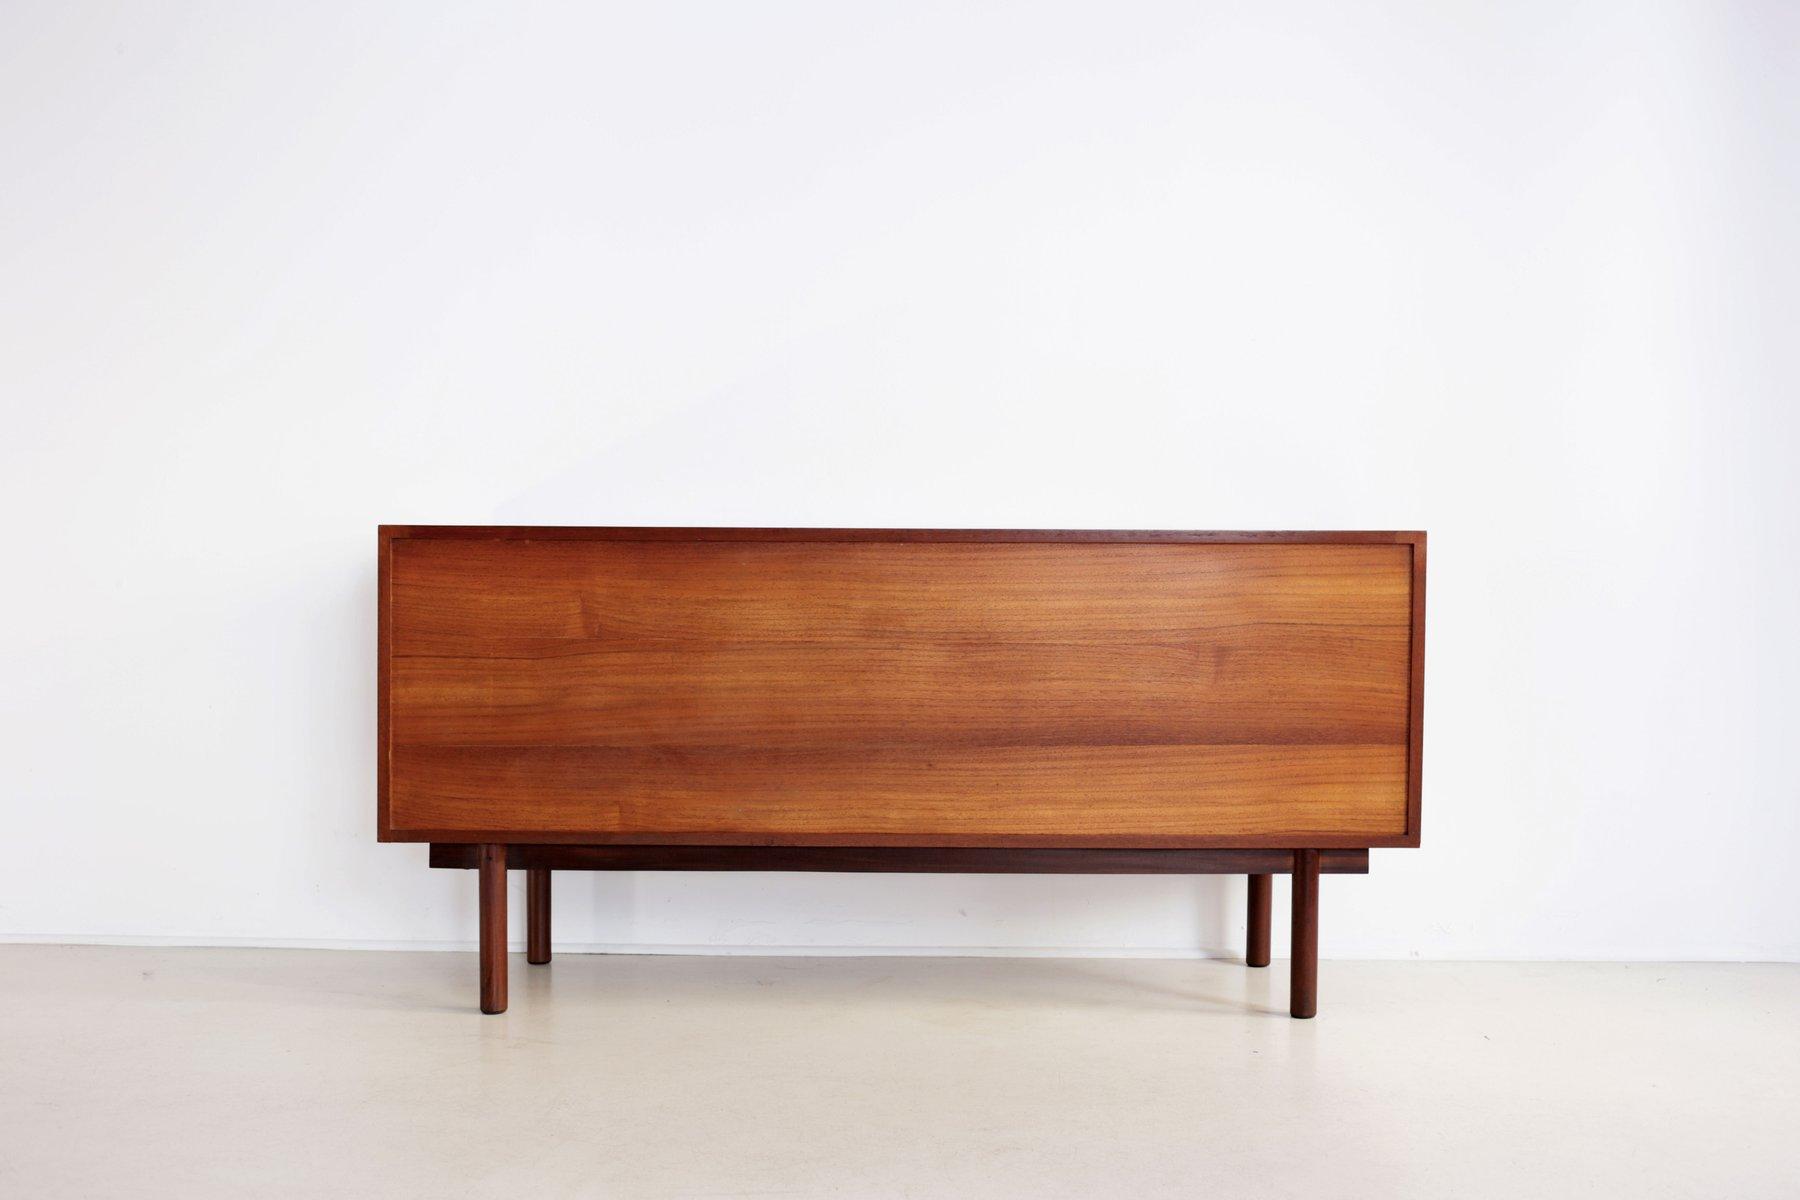 D nisches sideboard aus teak von arne vodder 1960er bei for Sideboard danisches design